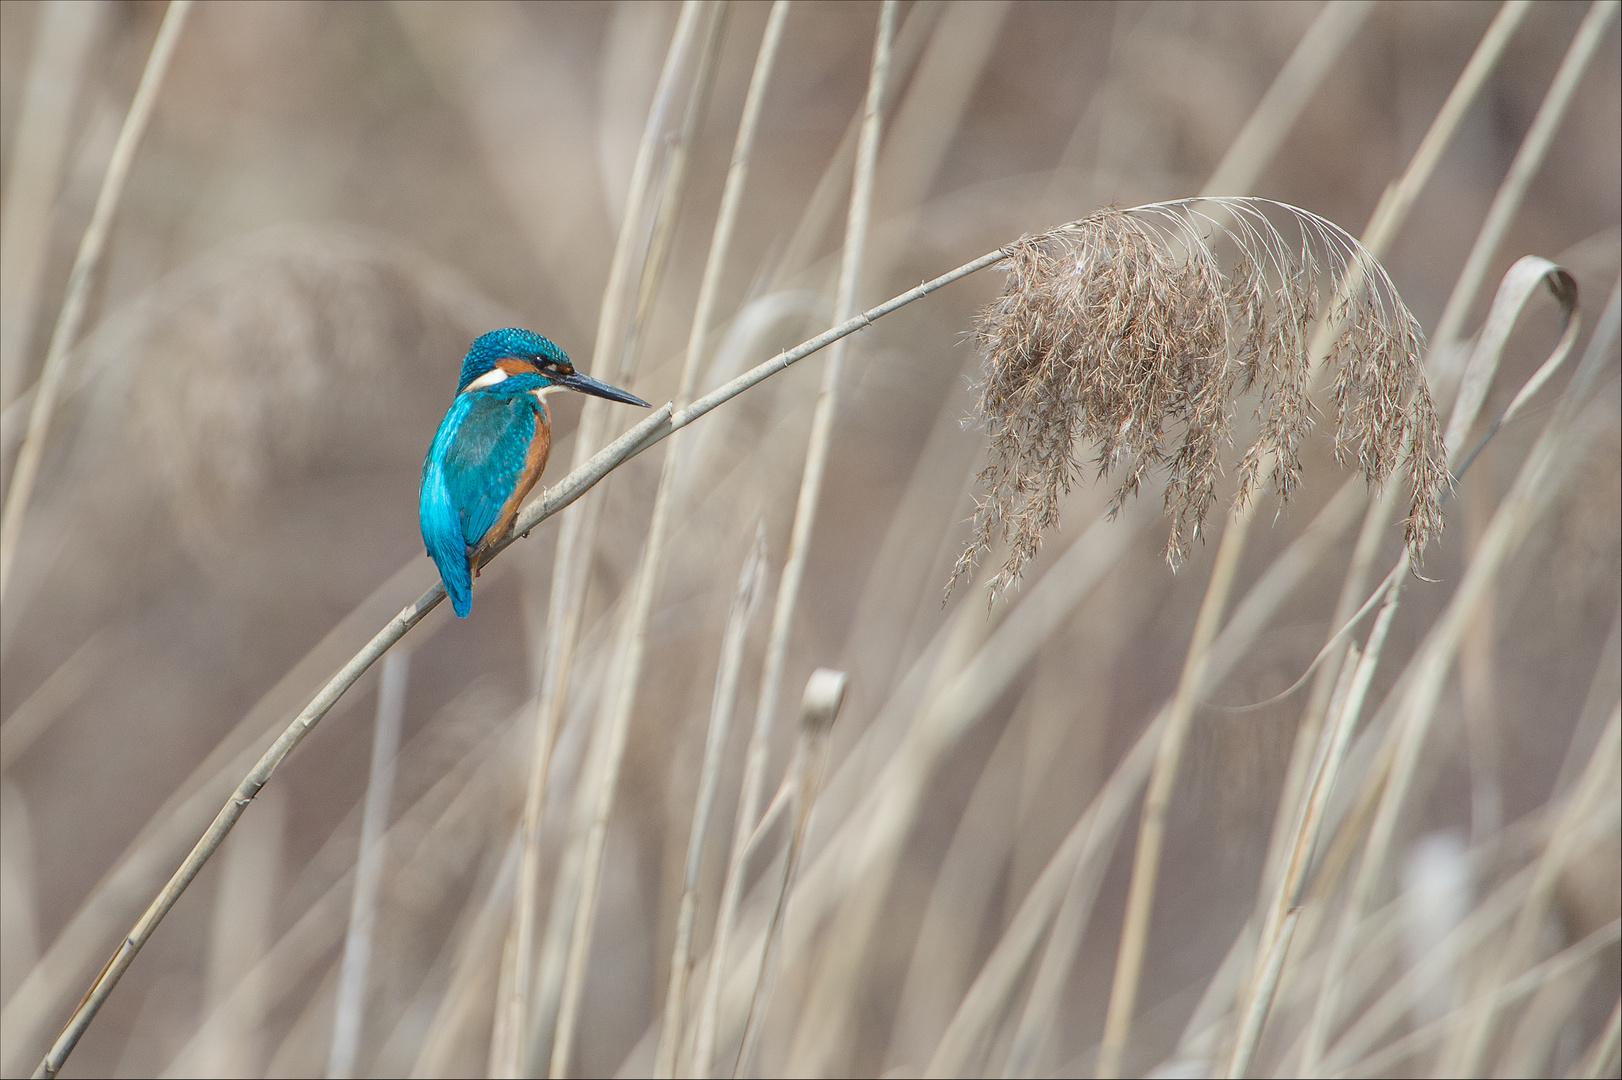 der wohl meist fotografierte Vogel Deutschlands...